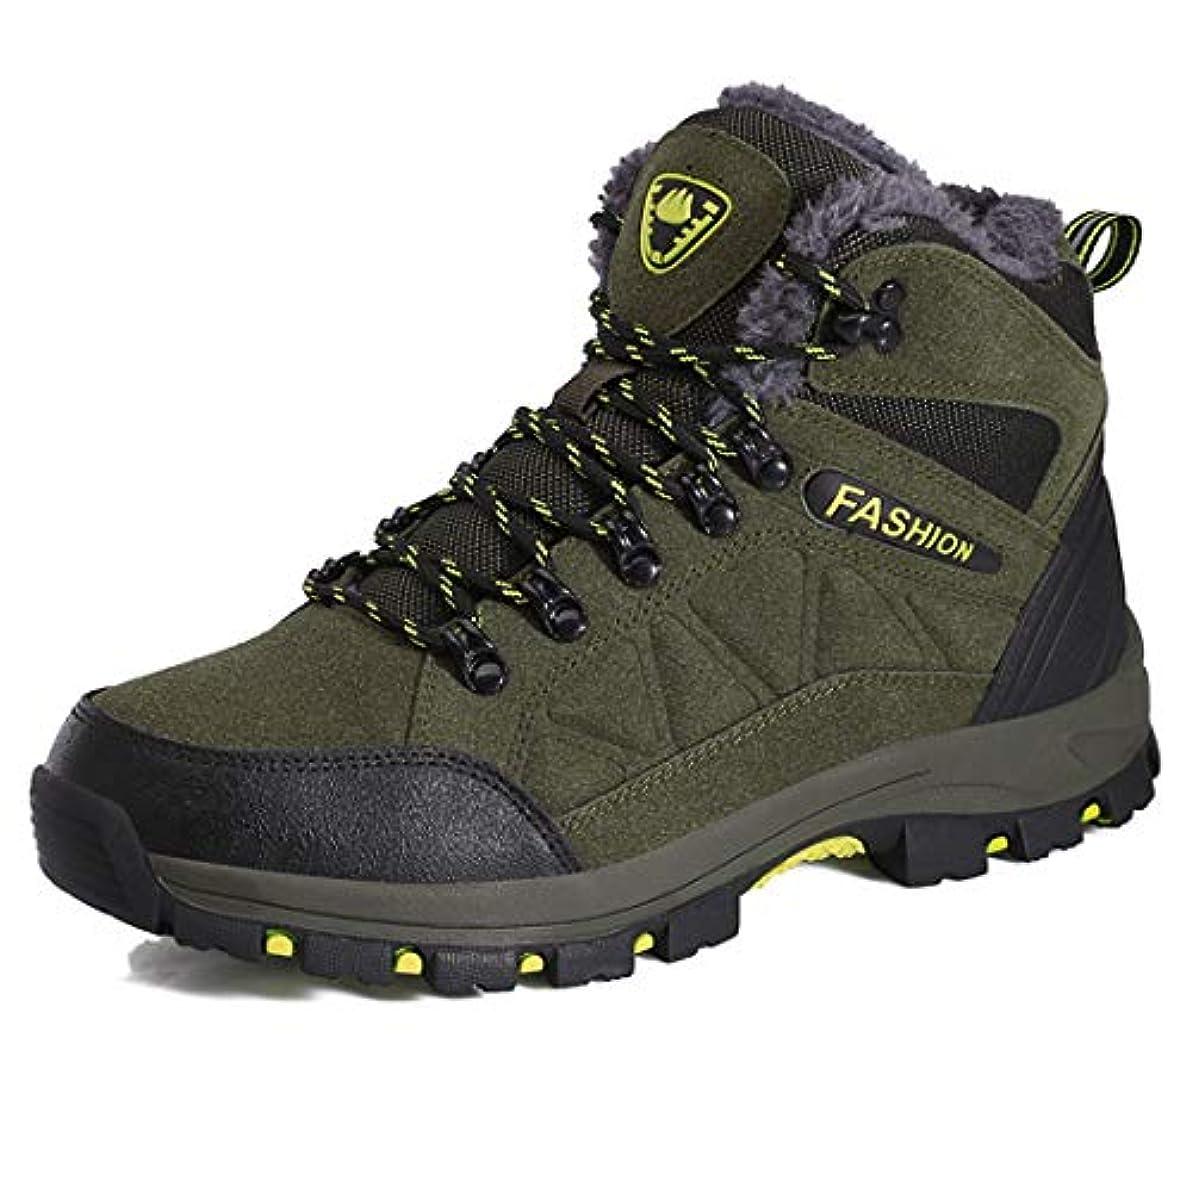 維持する提唱するからに変化するトレッキングシューズ 登山靴 ウォーキングシューズアウトドア ハイキング ウォーキングシューズ 防透湿 防滑吸汗 通気